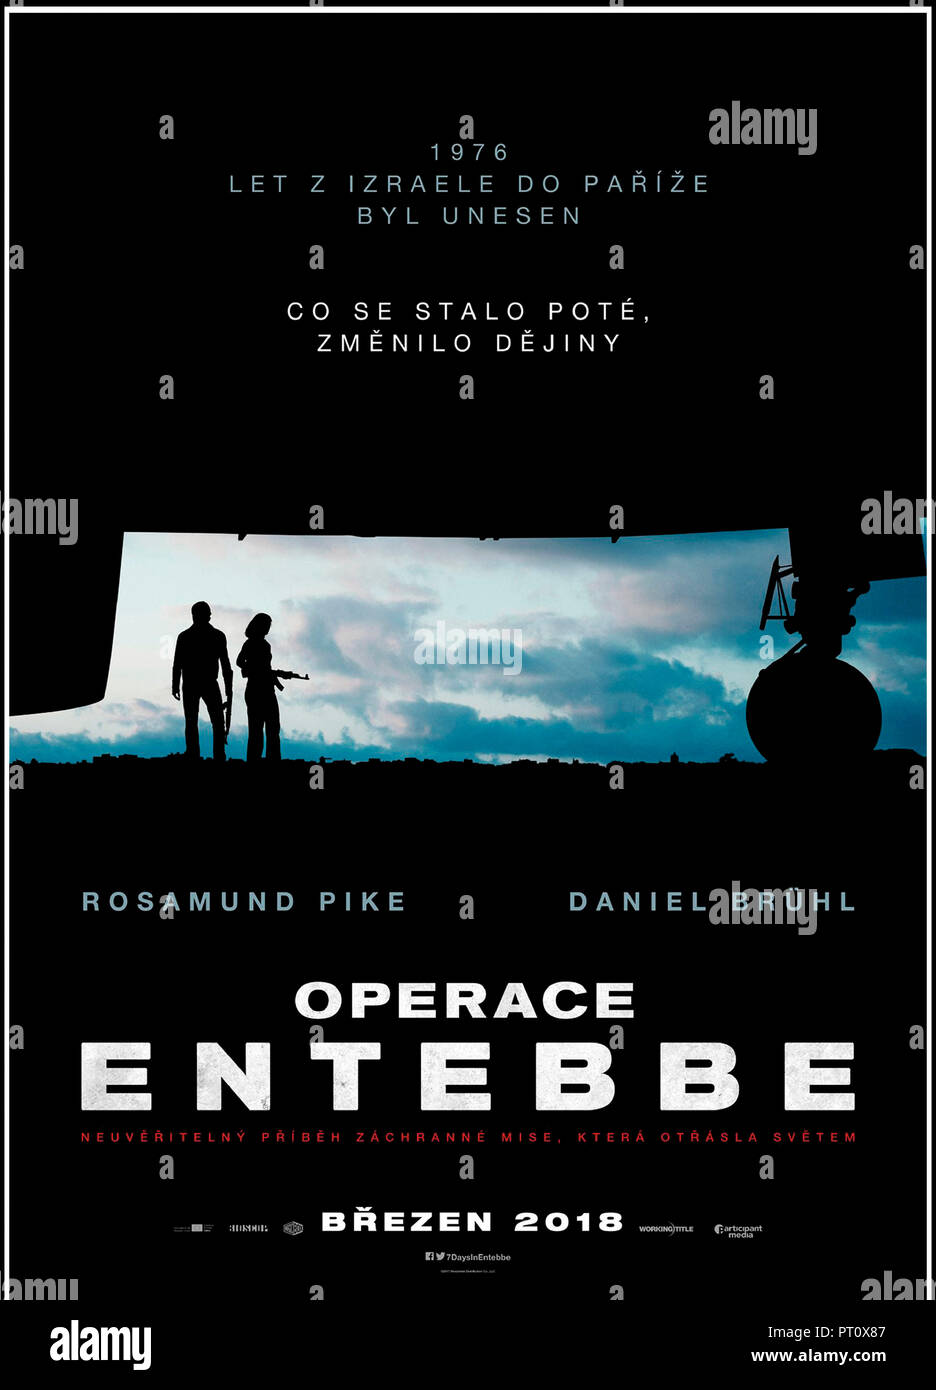 Prod DB © Participant Media - Pellikola - Working Title Films / DR OTAGES A ENTEBBE (ENTEBBE) de Jose Padilha 2018 GB/USA teaser tcheque avec Rosamund - Stock Image